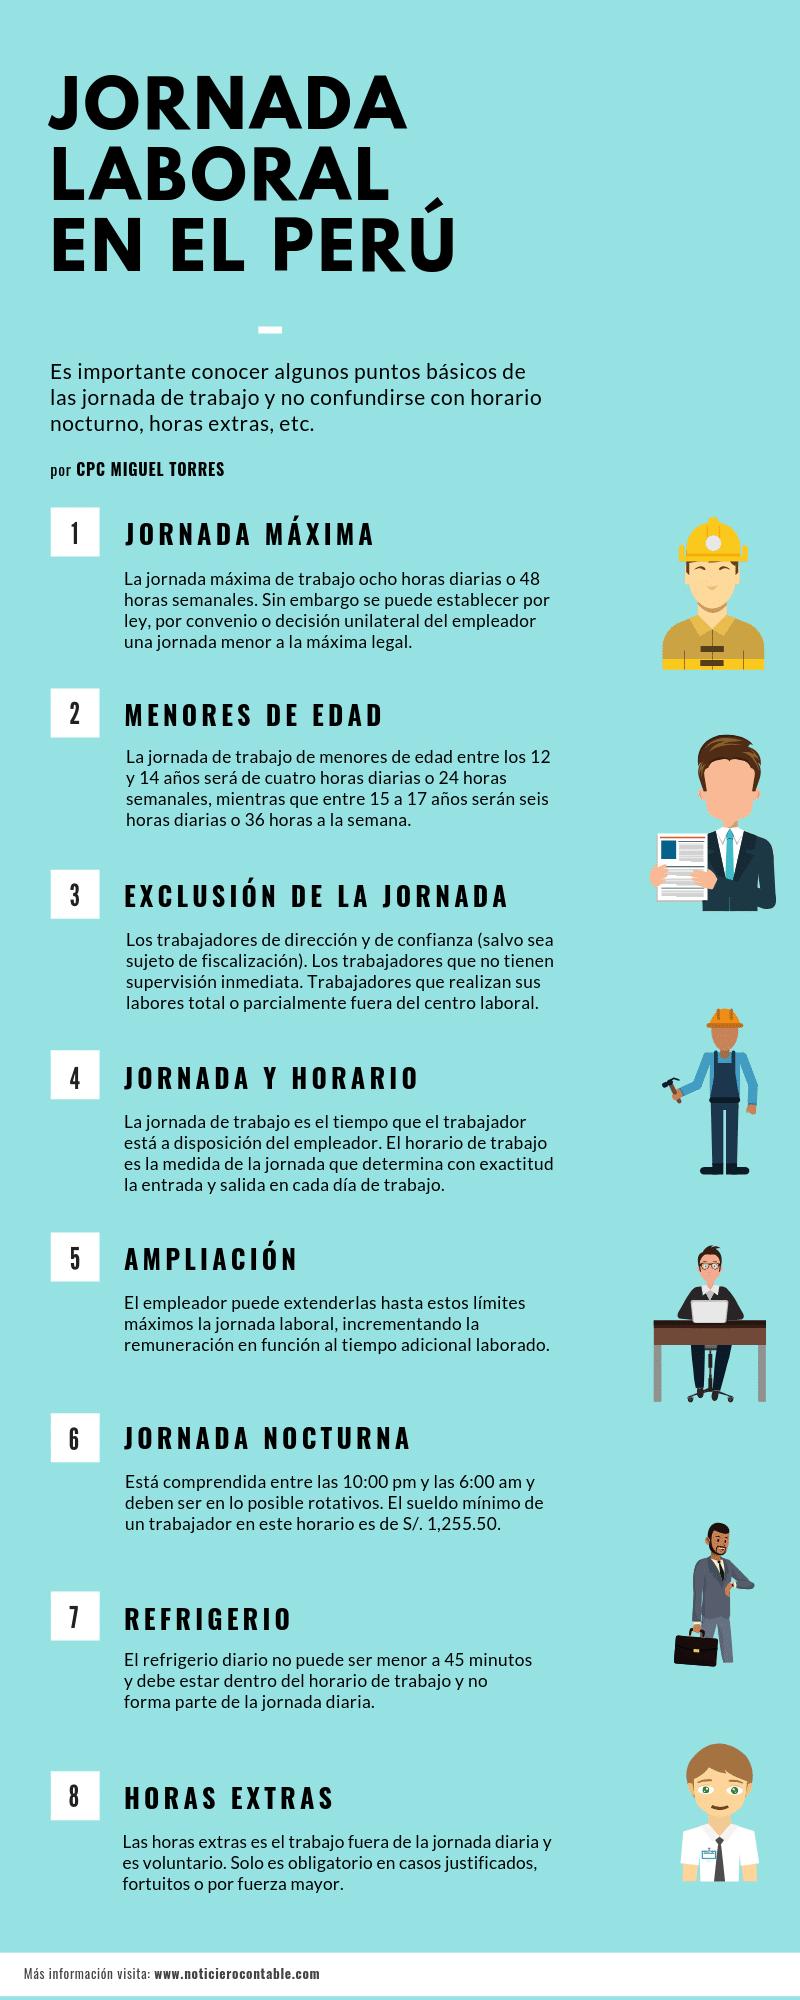 Jornada Laboral en el Peru